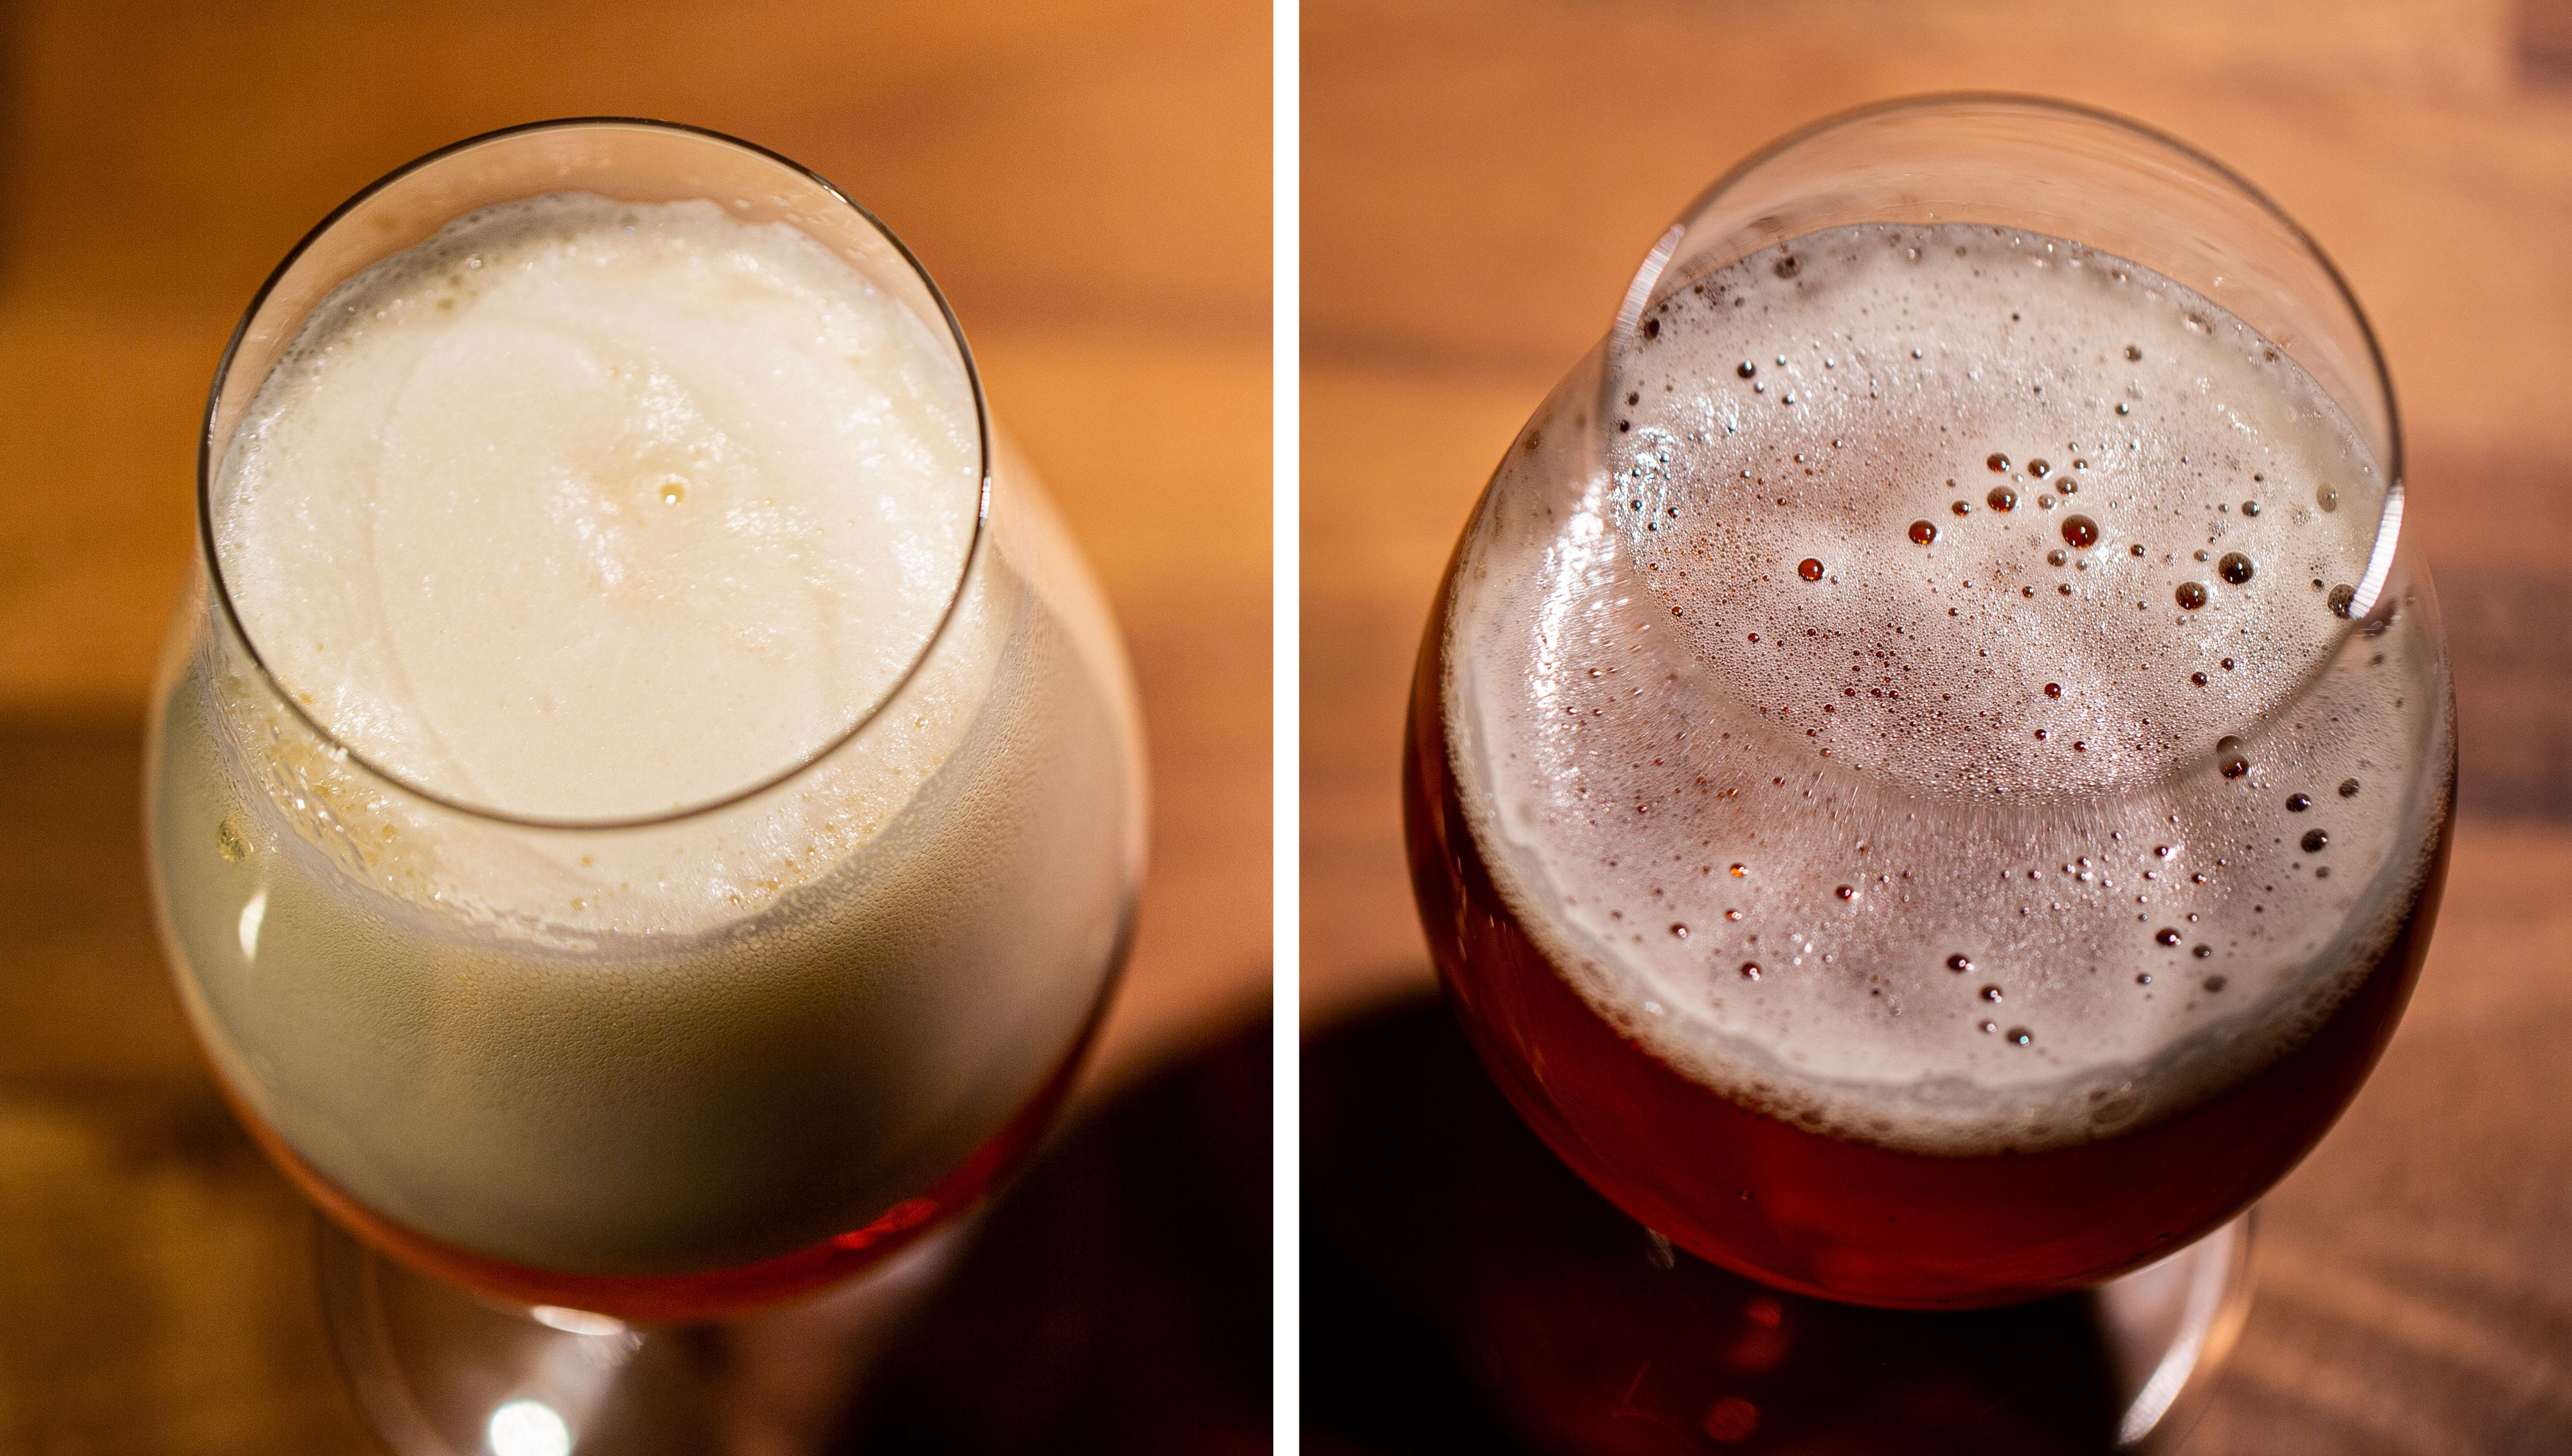 Skummet på toppen er merkbart annerledes, men mindre bobler og fastere form på Fizzics-ølen.